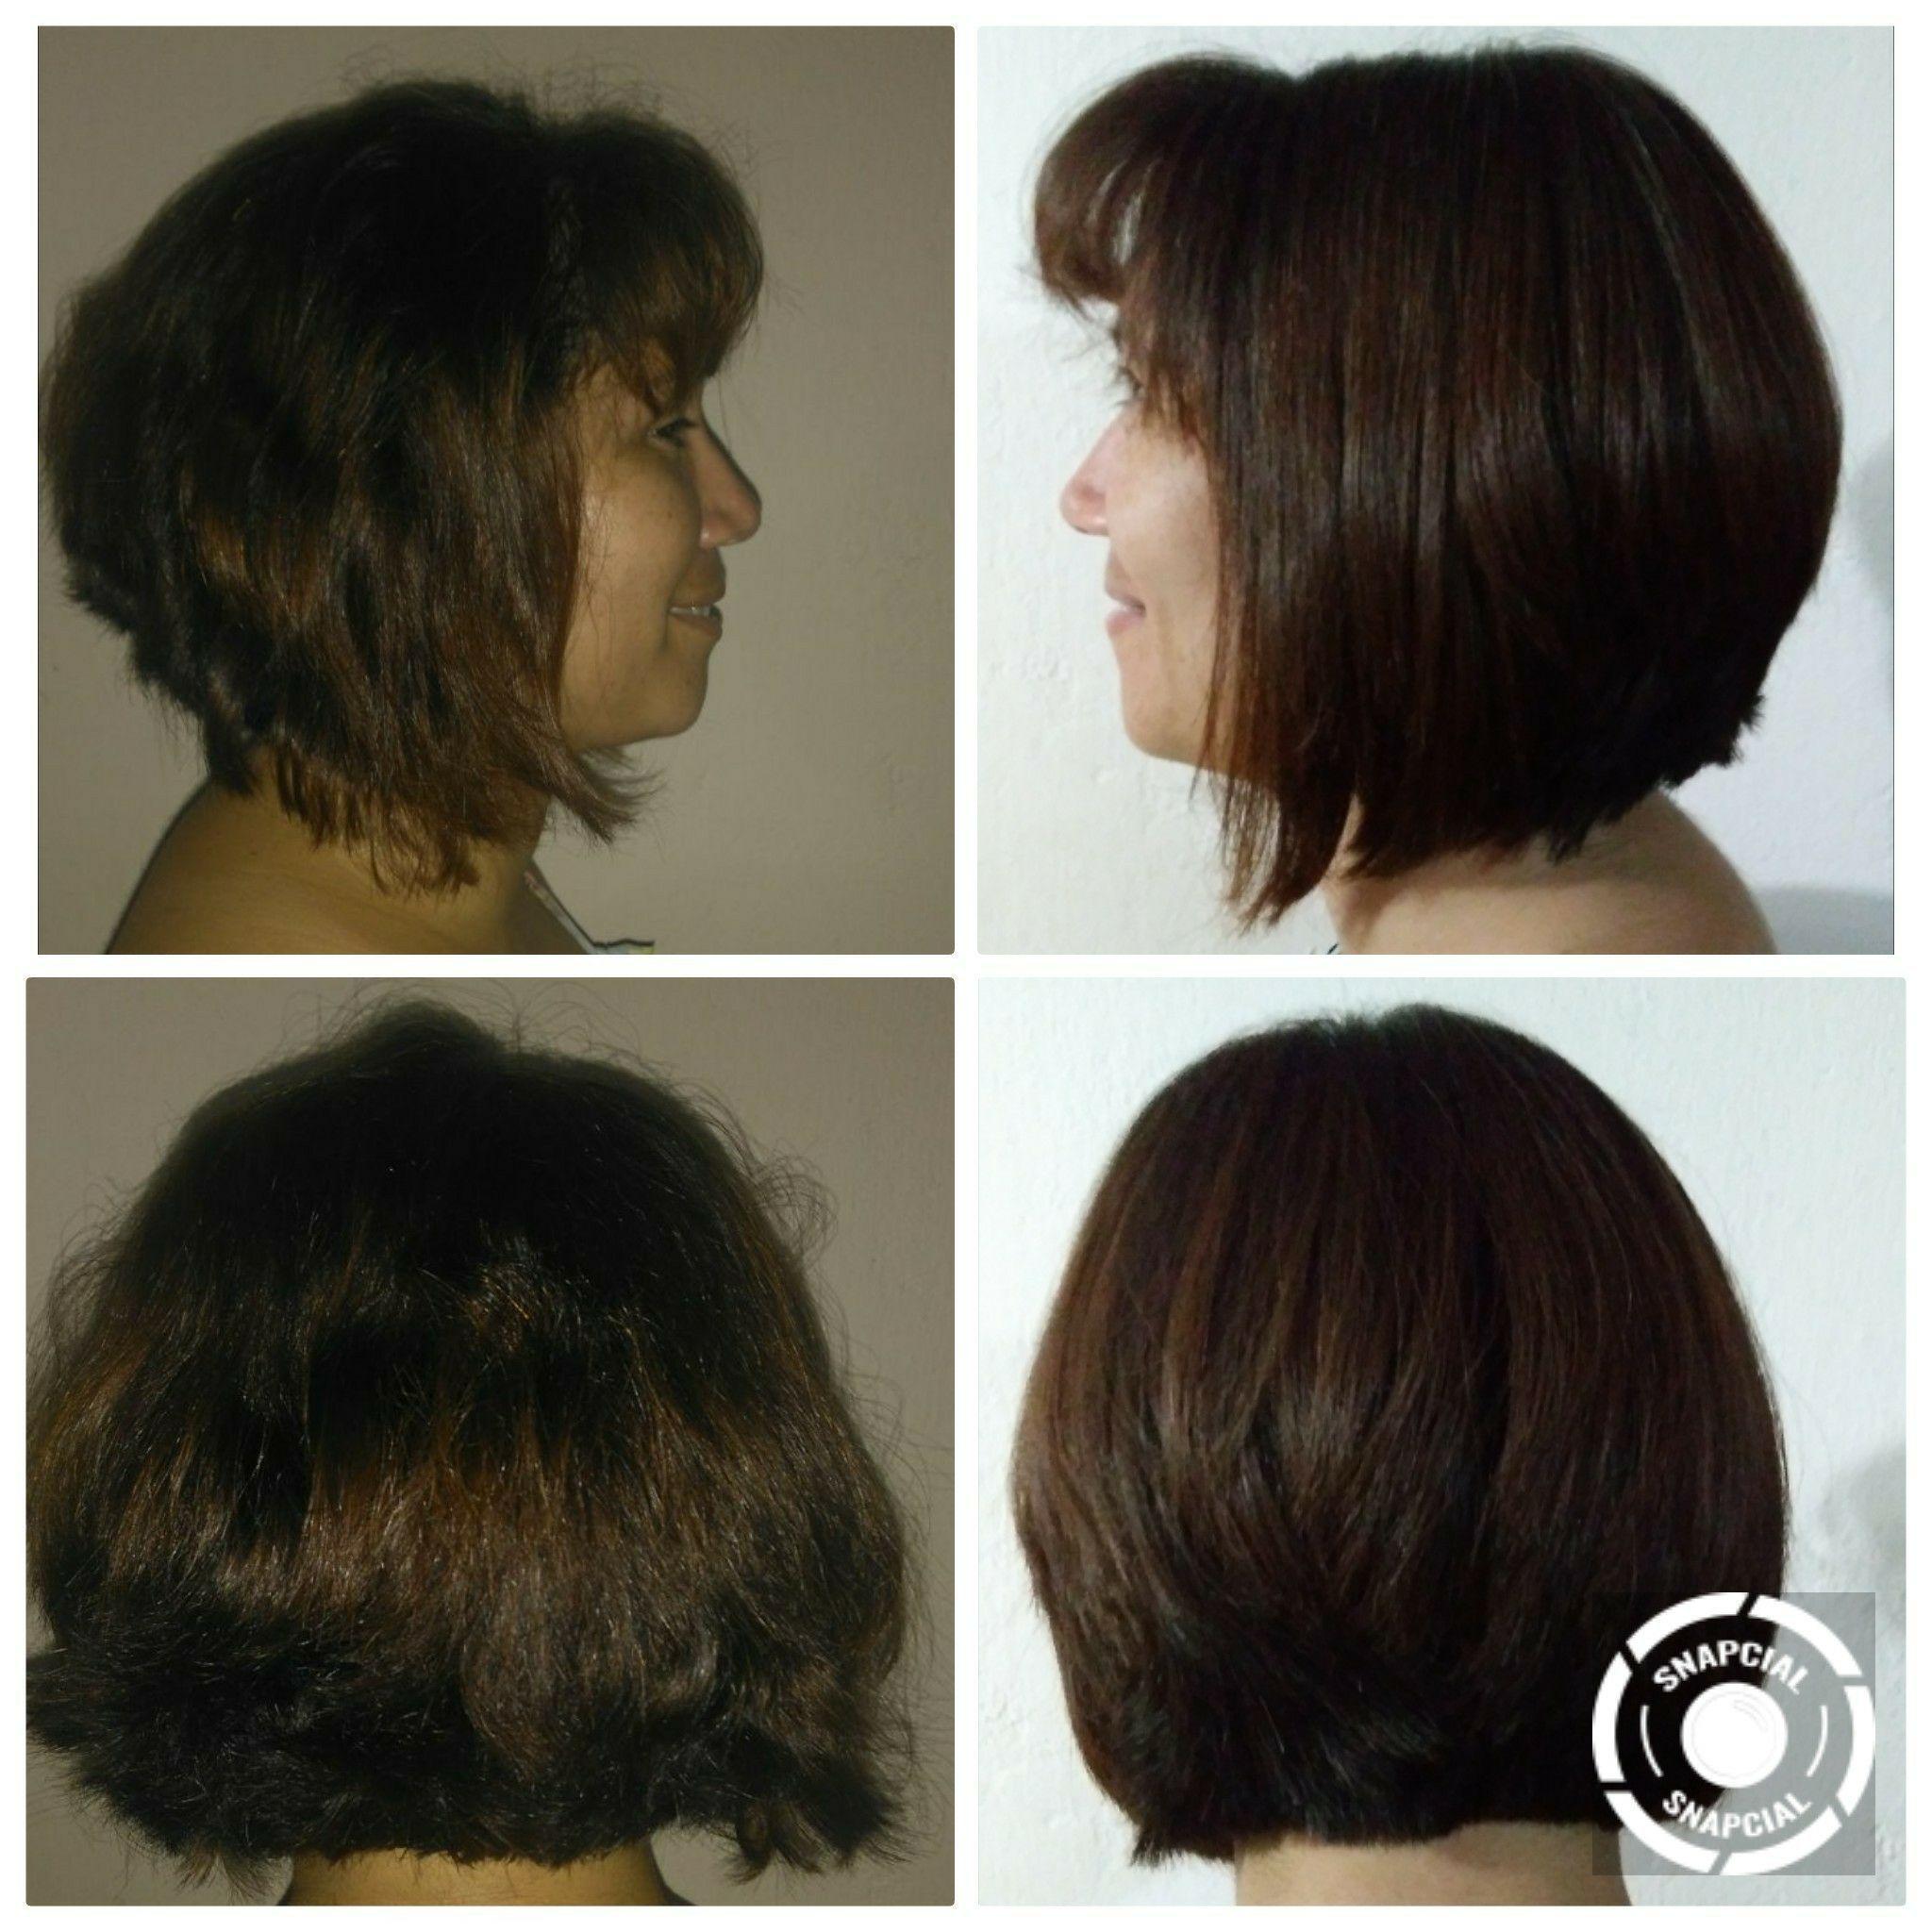 auxiliar cabeleireiro(a) auxiliar cabeleireiro(a) auxiliar cabeleireiro(a) auxiliar cabeleireiro(a) auxiliar cabeleireiro(a) auxiliar cabeleireiro(a) auxiliar cabeleireiro(a) auxiliar cabeleireiro(a) auxiliar cabeleireiro(a) auxiliar cabeleireiro(a) auxiliar cabeleireiro(a) auxiliar cabeleireiro(a) auxiliar cabeleireiro(a) auxiliar cabeleireiro(a) auxiliar cabeleireiro(a) auxiliar cabeleireiro(a) auxiliar cabeleireiro(a) auxiliar cabeleireiro(a) auxiliar cabeleireiro(a) auxiliar cabeleireiro(a) barbeiro(a) cabeleireiro(a) escovista stylist / visagista stylist / visagista auxiliar cabeleireiro(a)